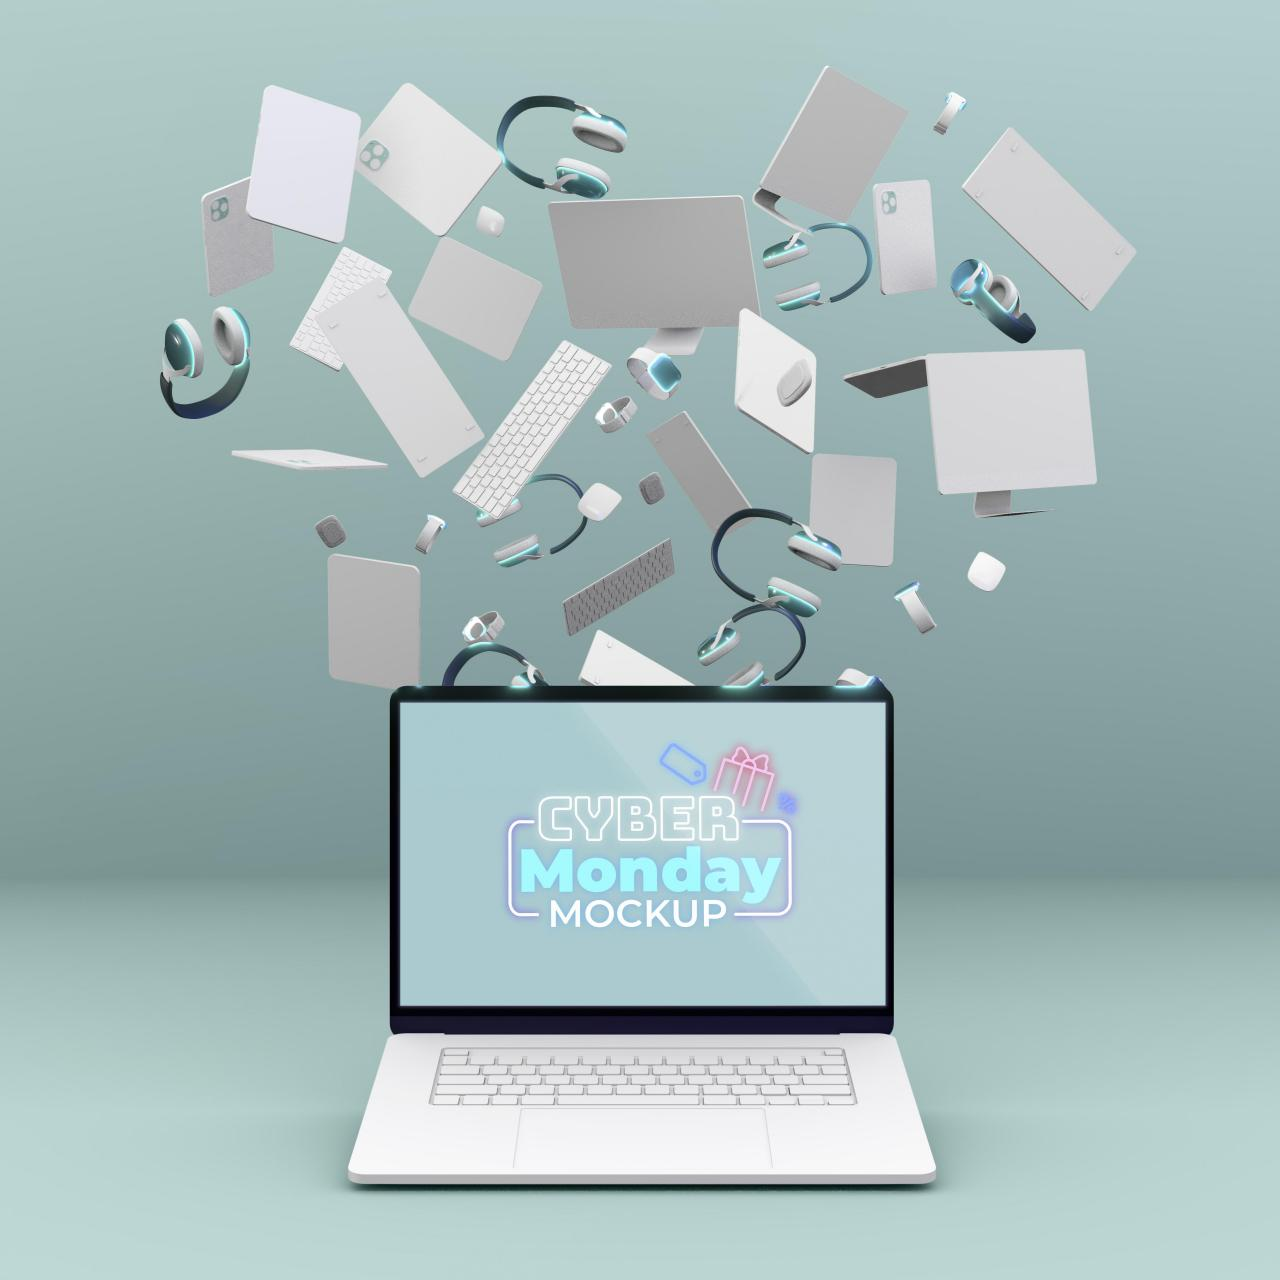 网络星期一笔记本电脑销售模拟与各种设备免费Psd